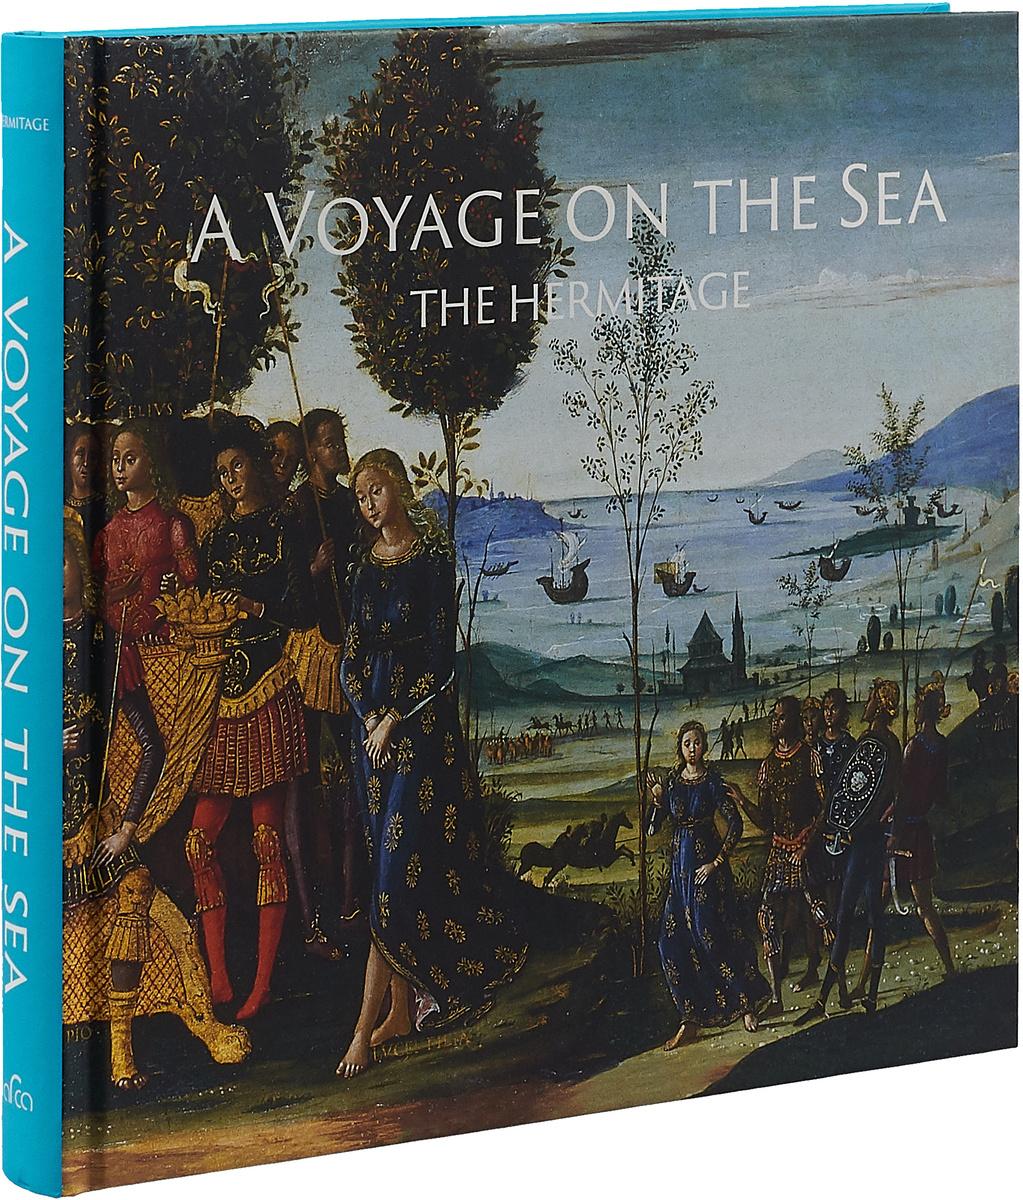 The Hermitage: A Voyage on the Sea | Шестаков Алексей Леонидович #1